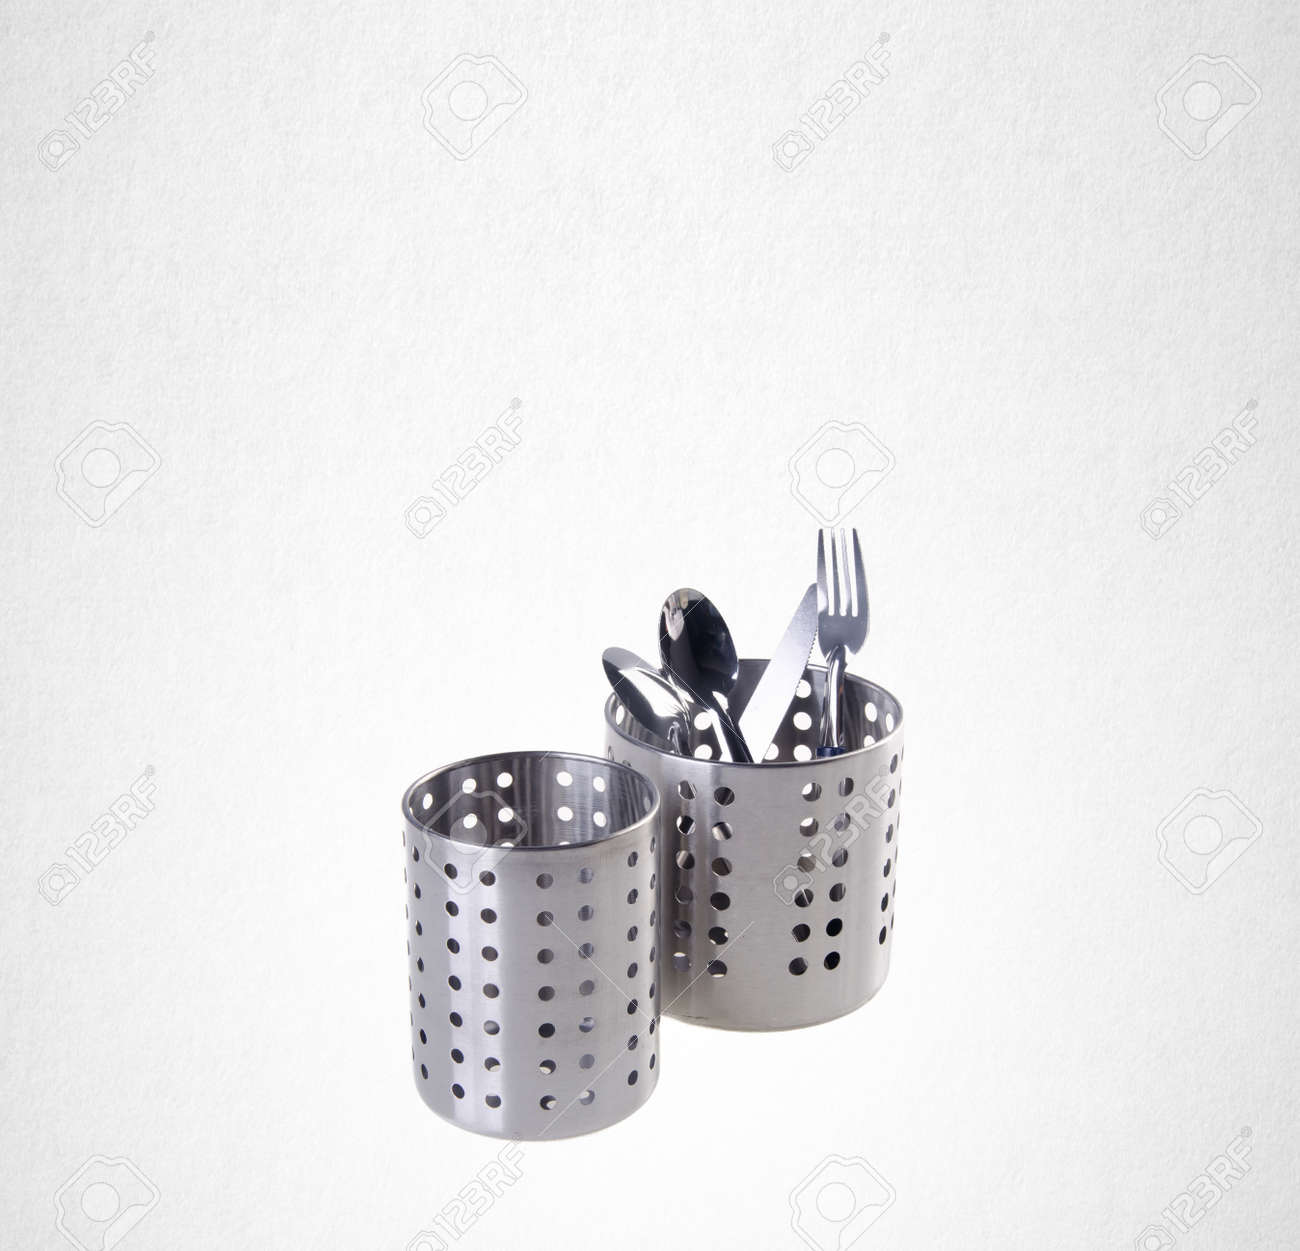 Utensili Da Cucina O Utensili Da Cucina Di Alta Qualità Sullo Sfondo ...